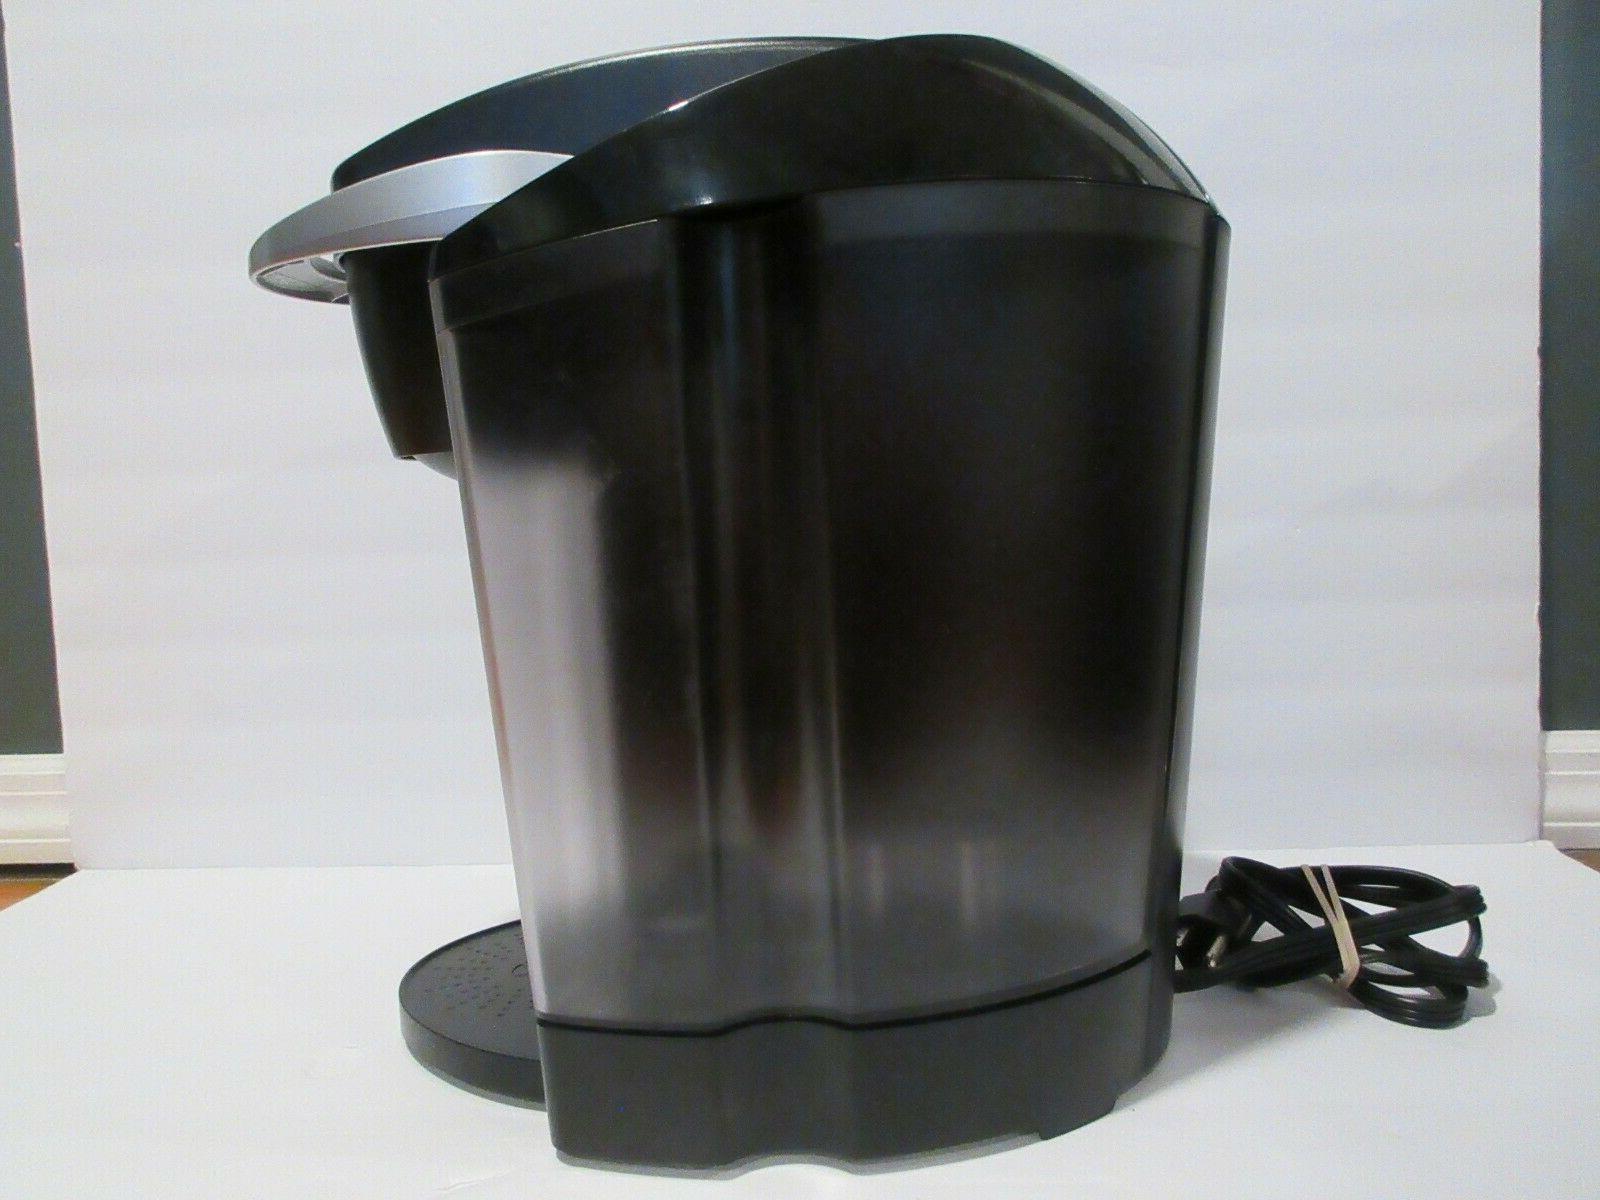 Keurig Black Cup Brewing Maker B40 Tested